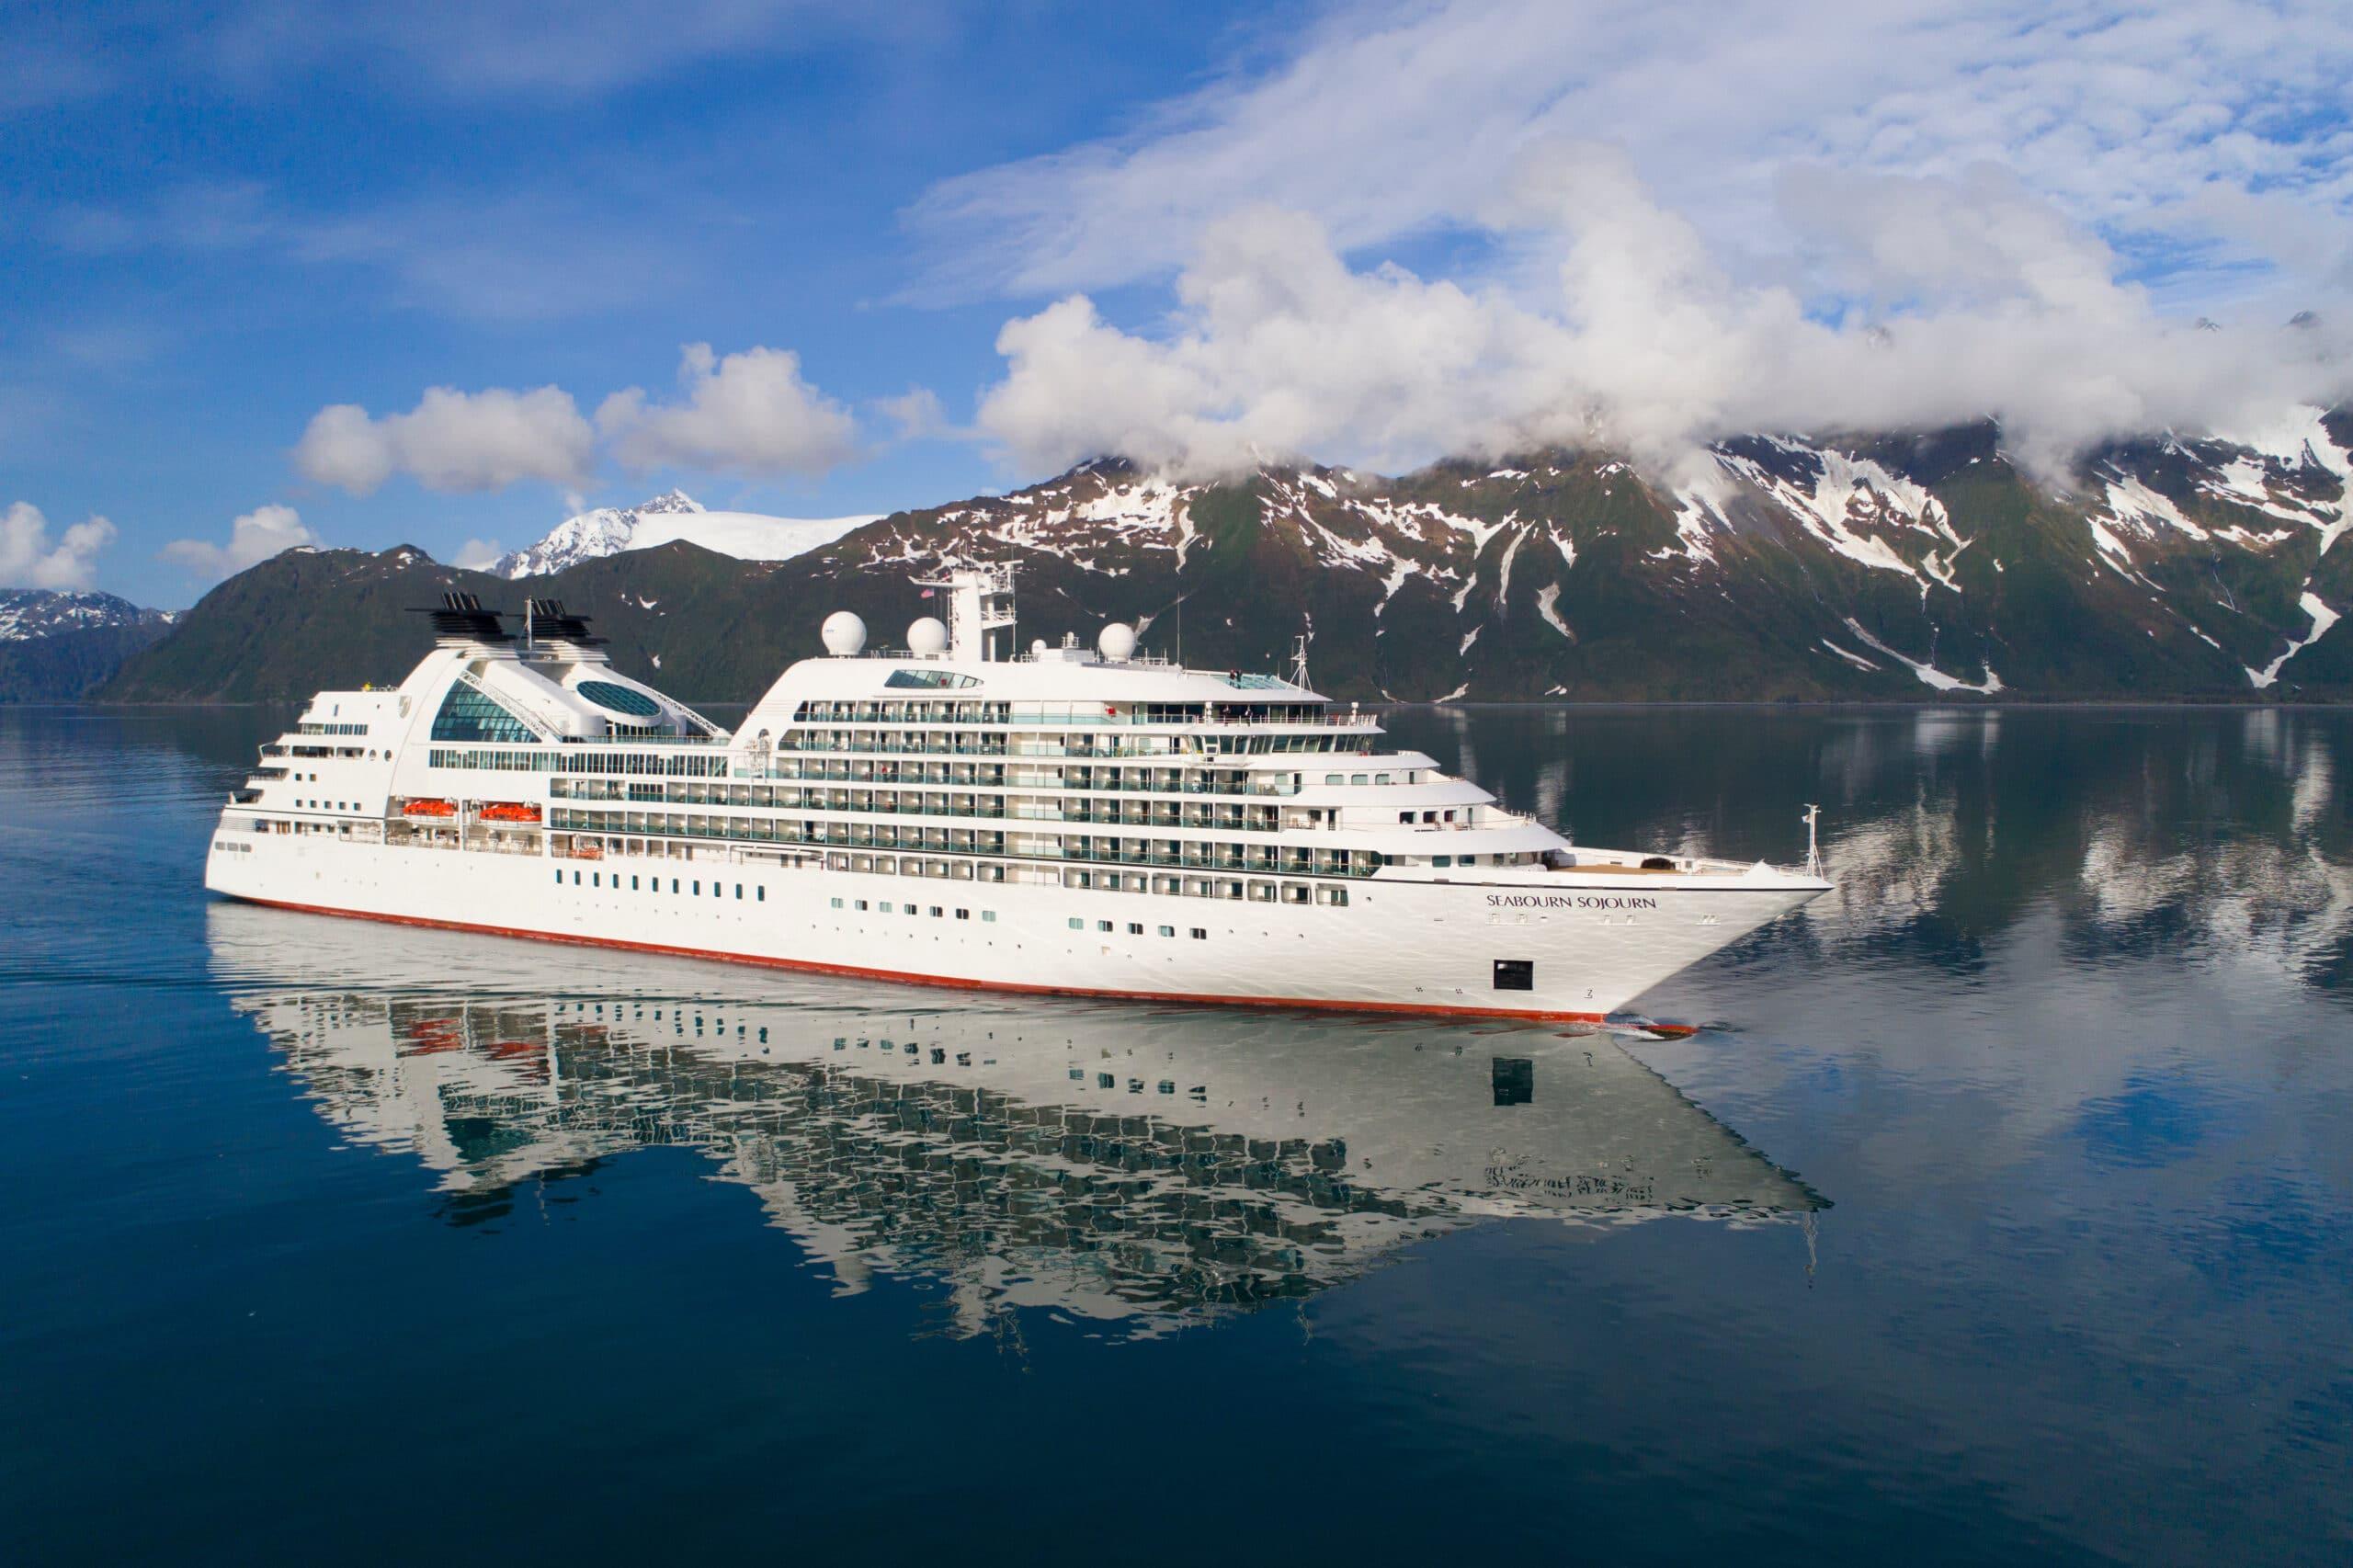 Cruiseschip-Seabourn Sojourn-Seabourn Cruise Line-Schip